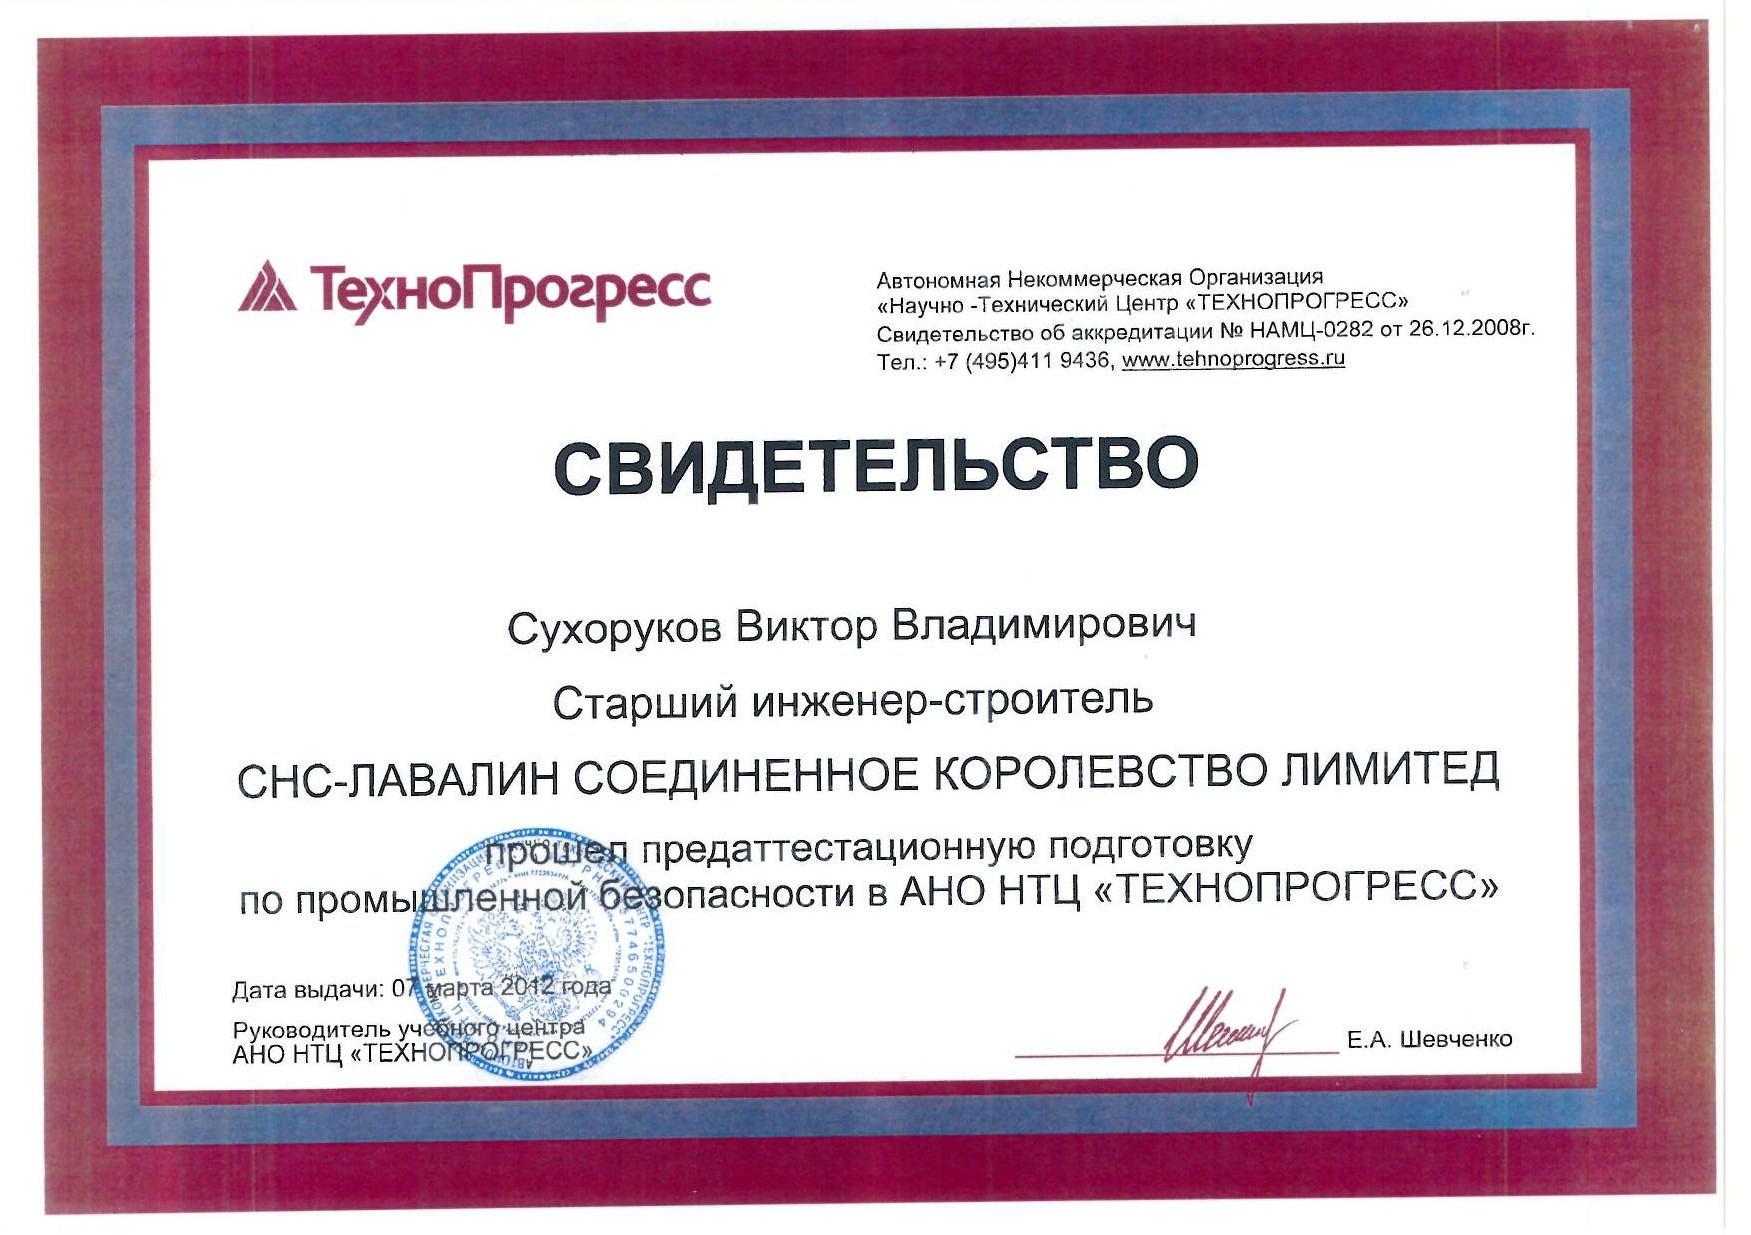 viktor sukhorukov